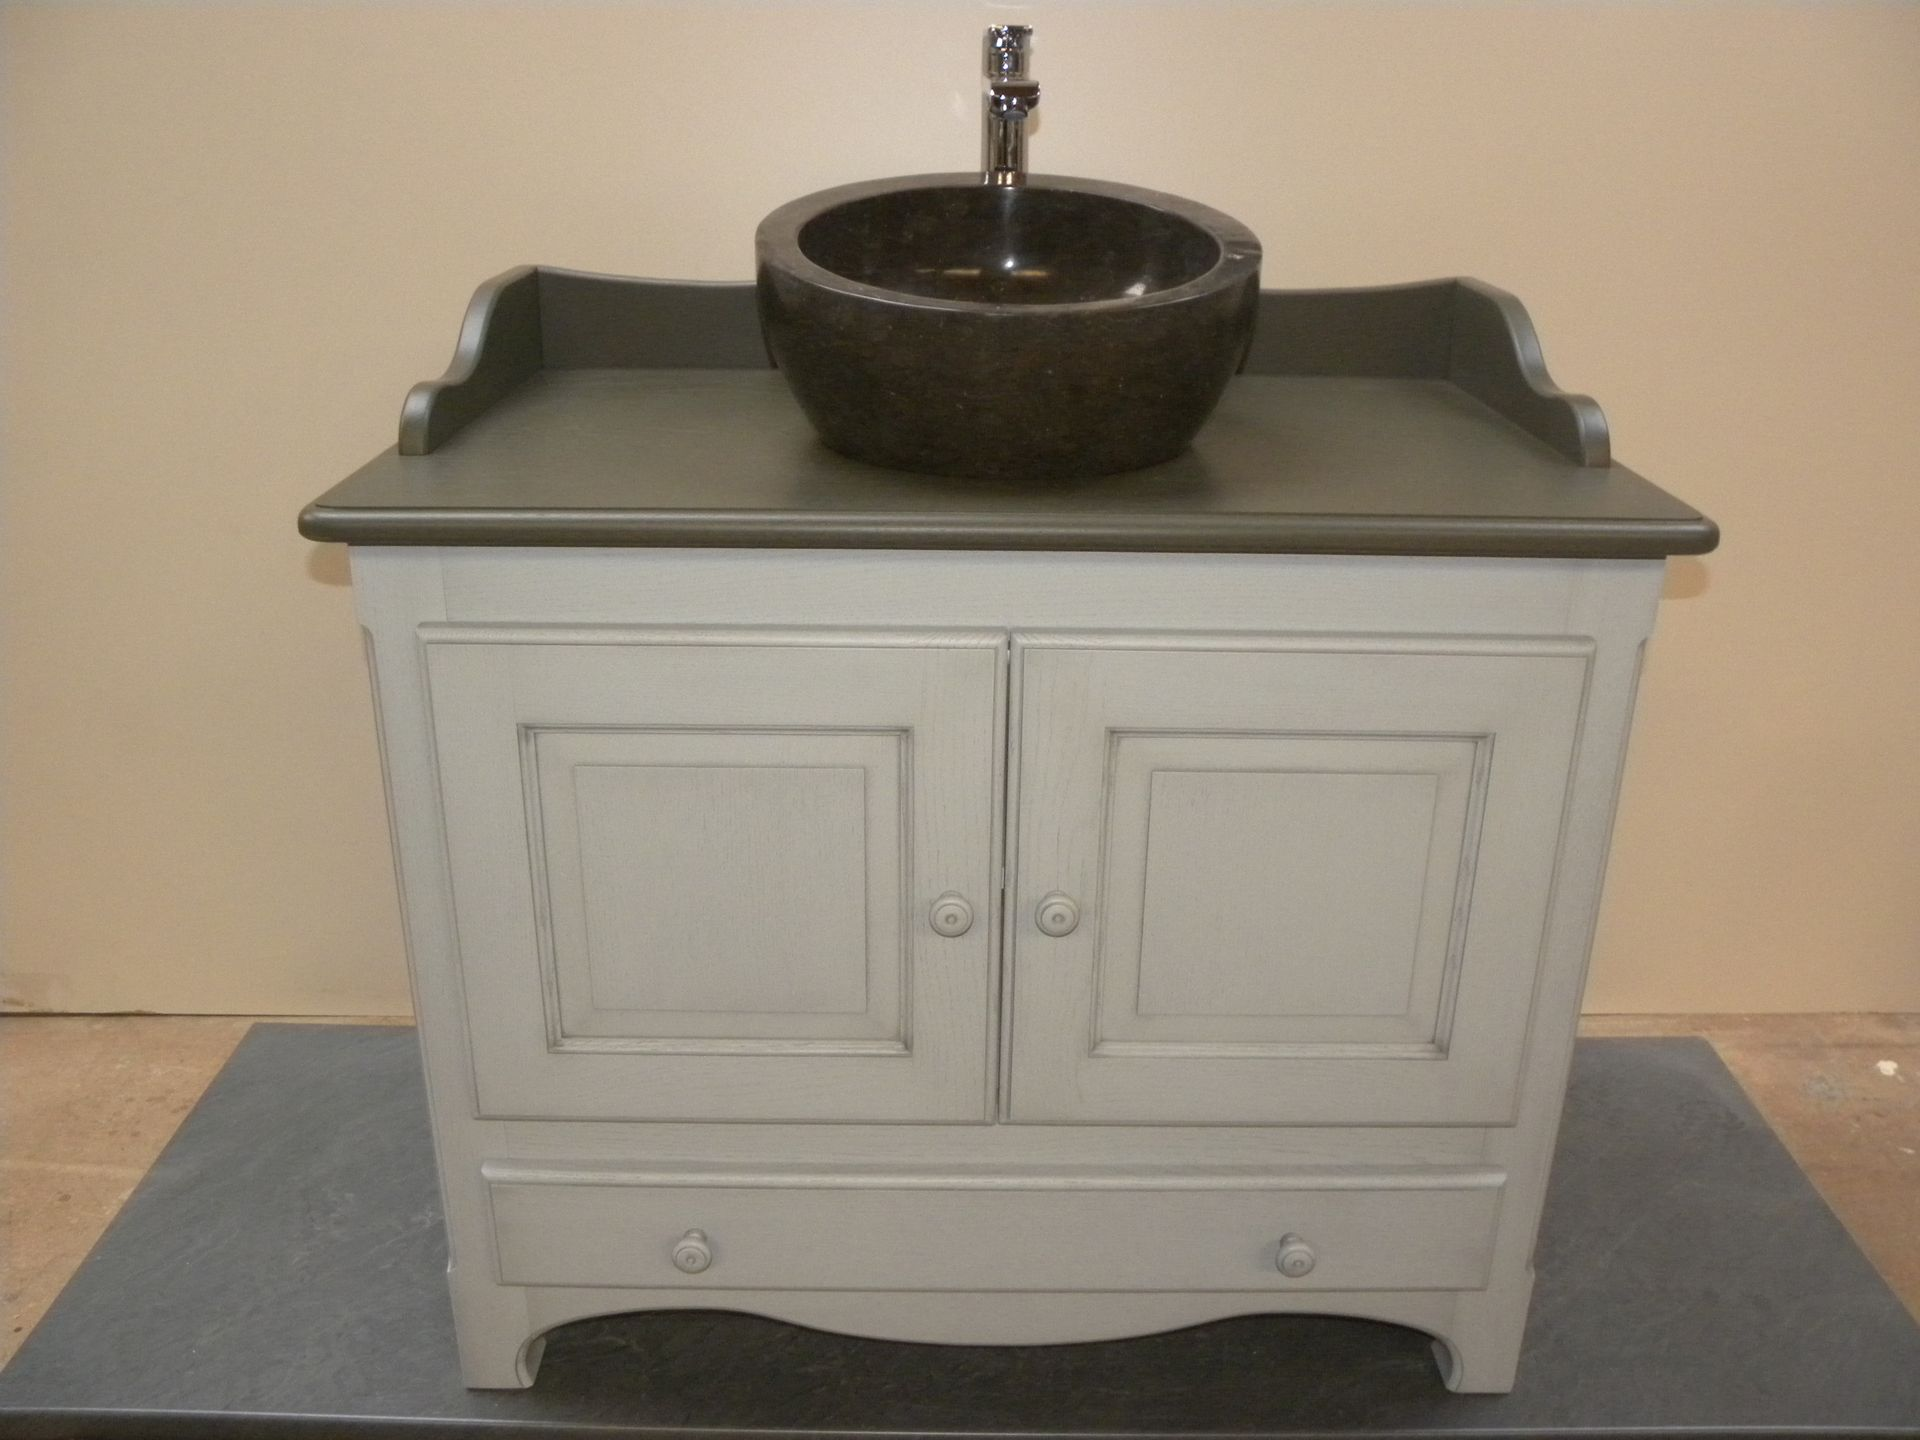 Meuble salle de bains blanc gilles martel - Creation meuble salle de bain ...